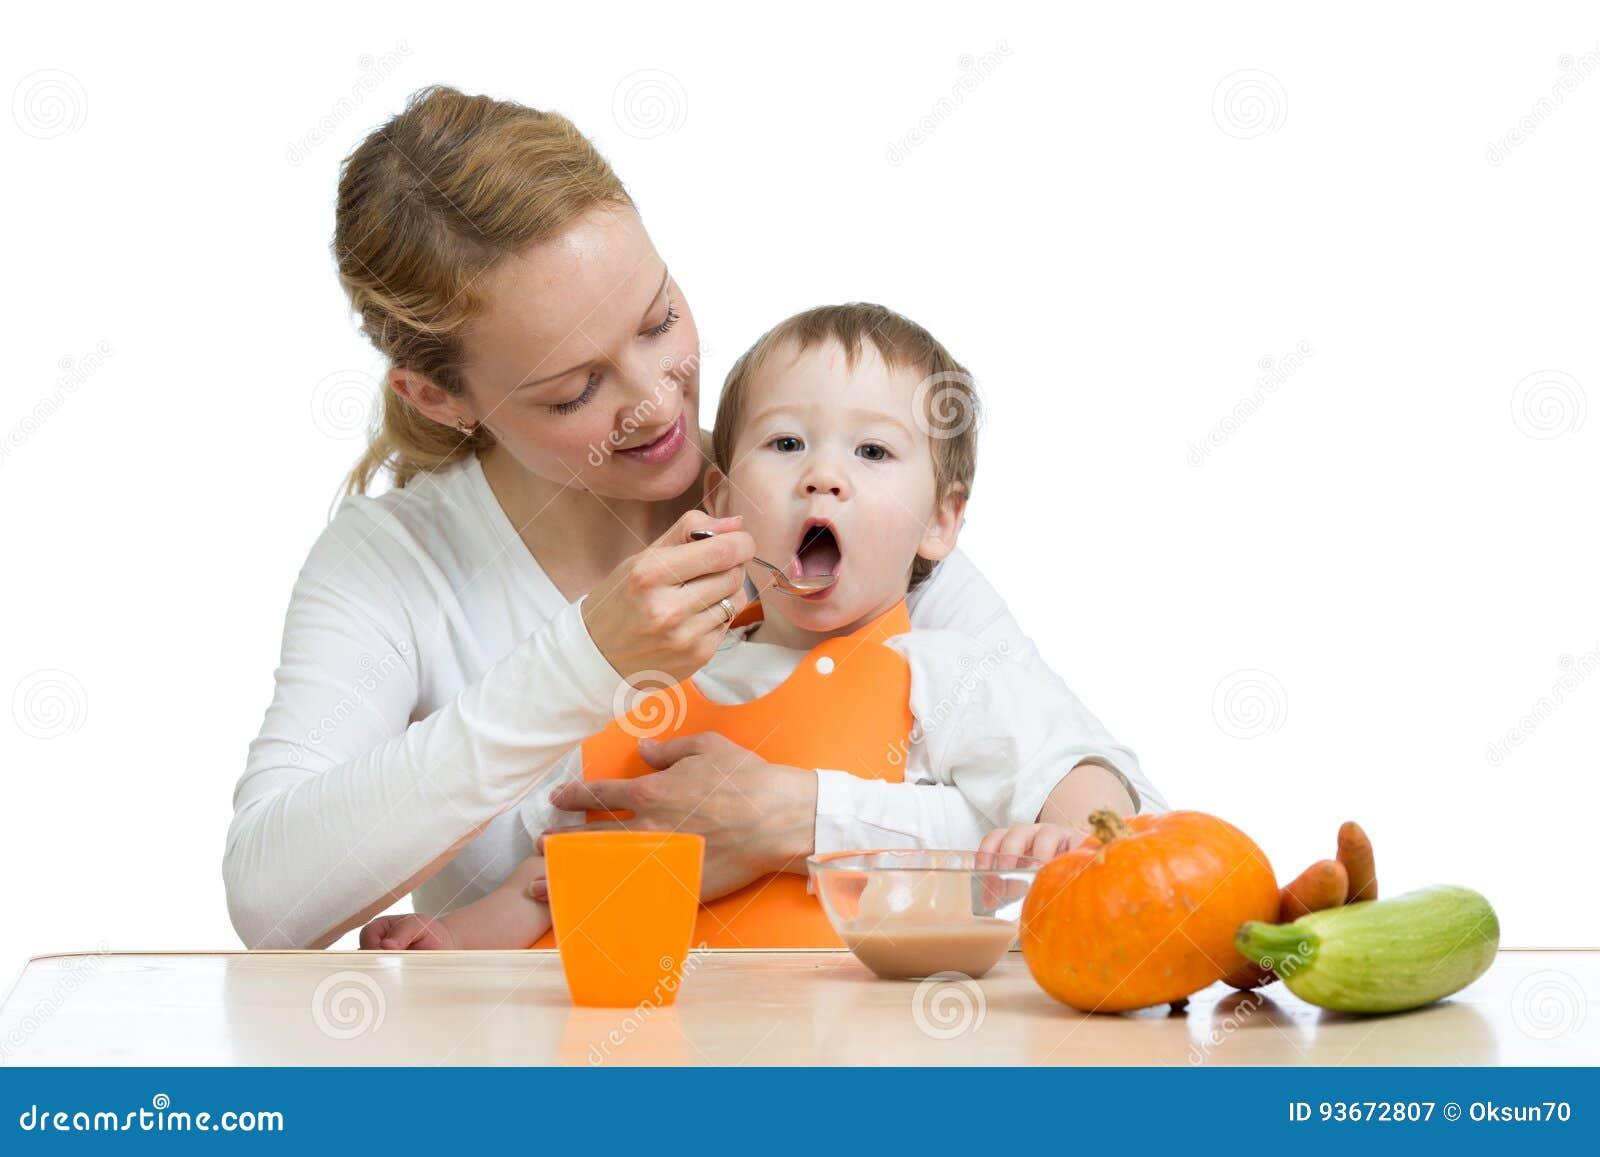 nutrición de alimentos para niños sanos